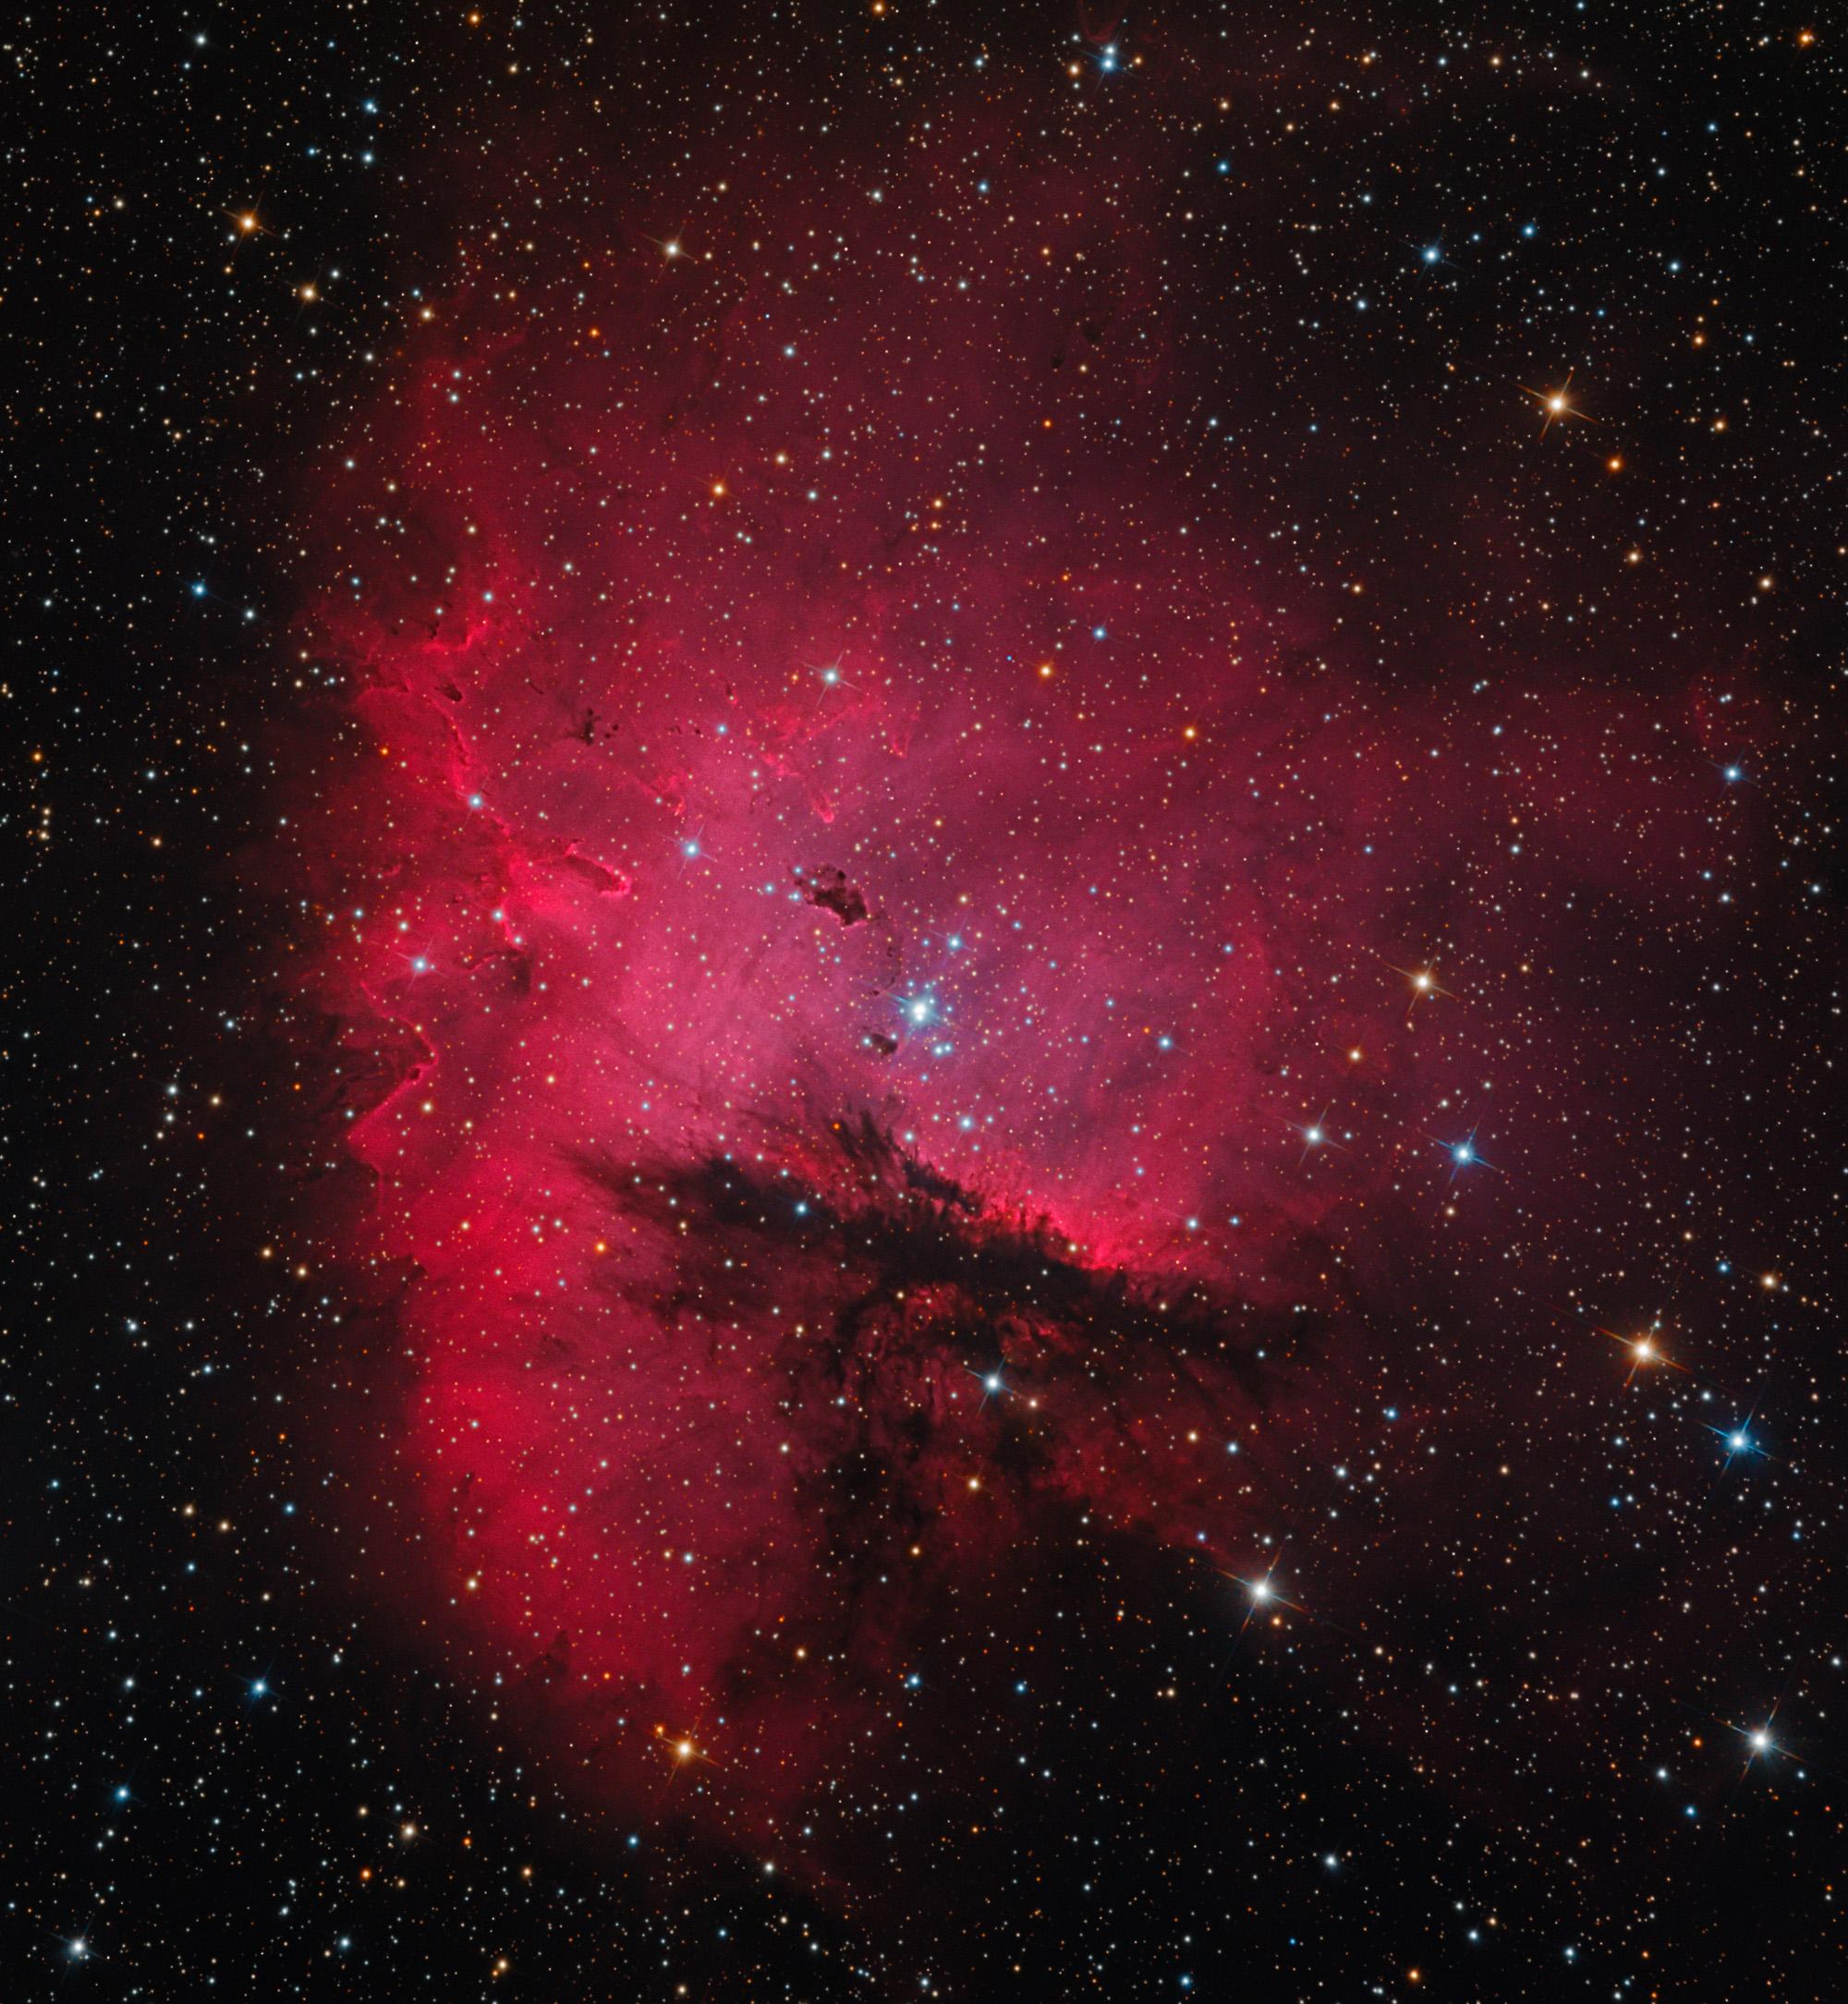 pacman nebula - photo #6